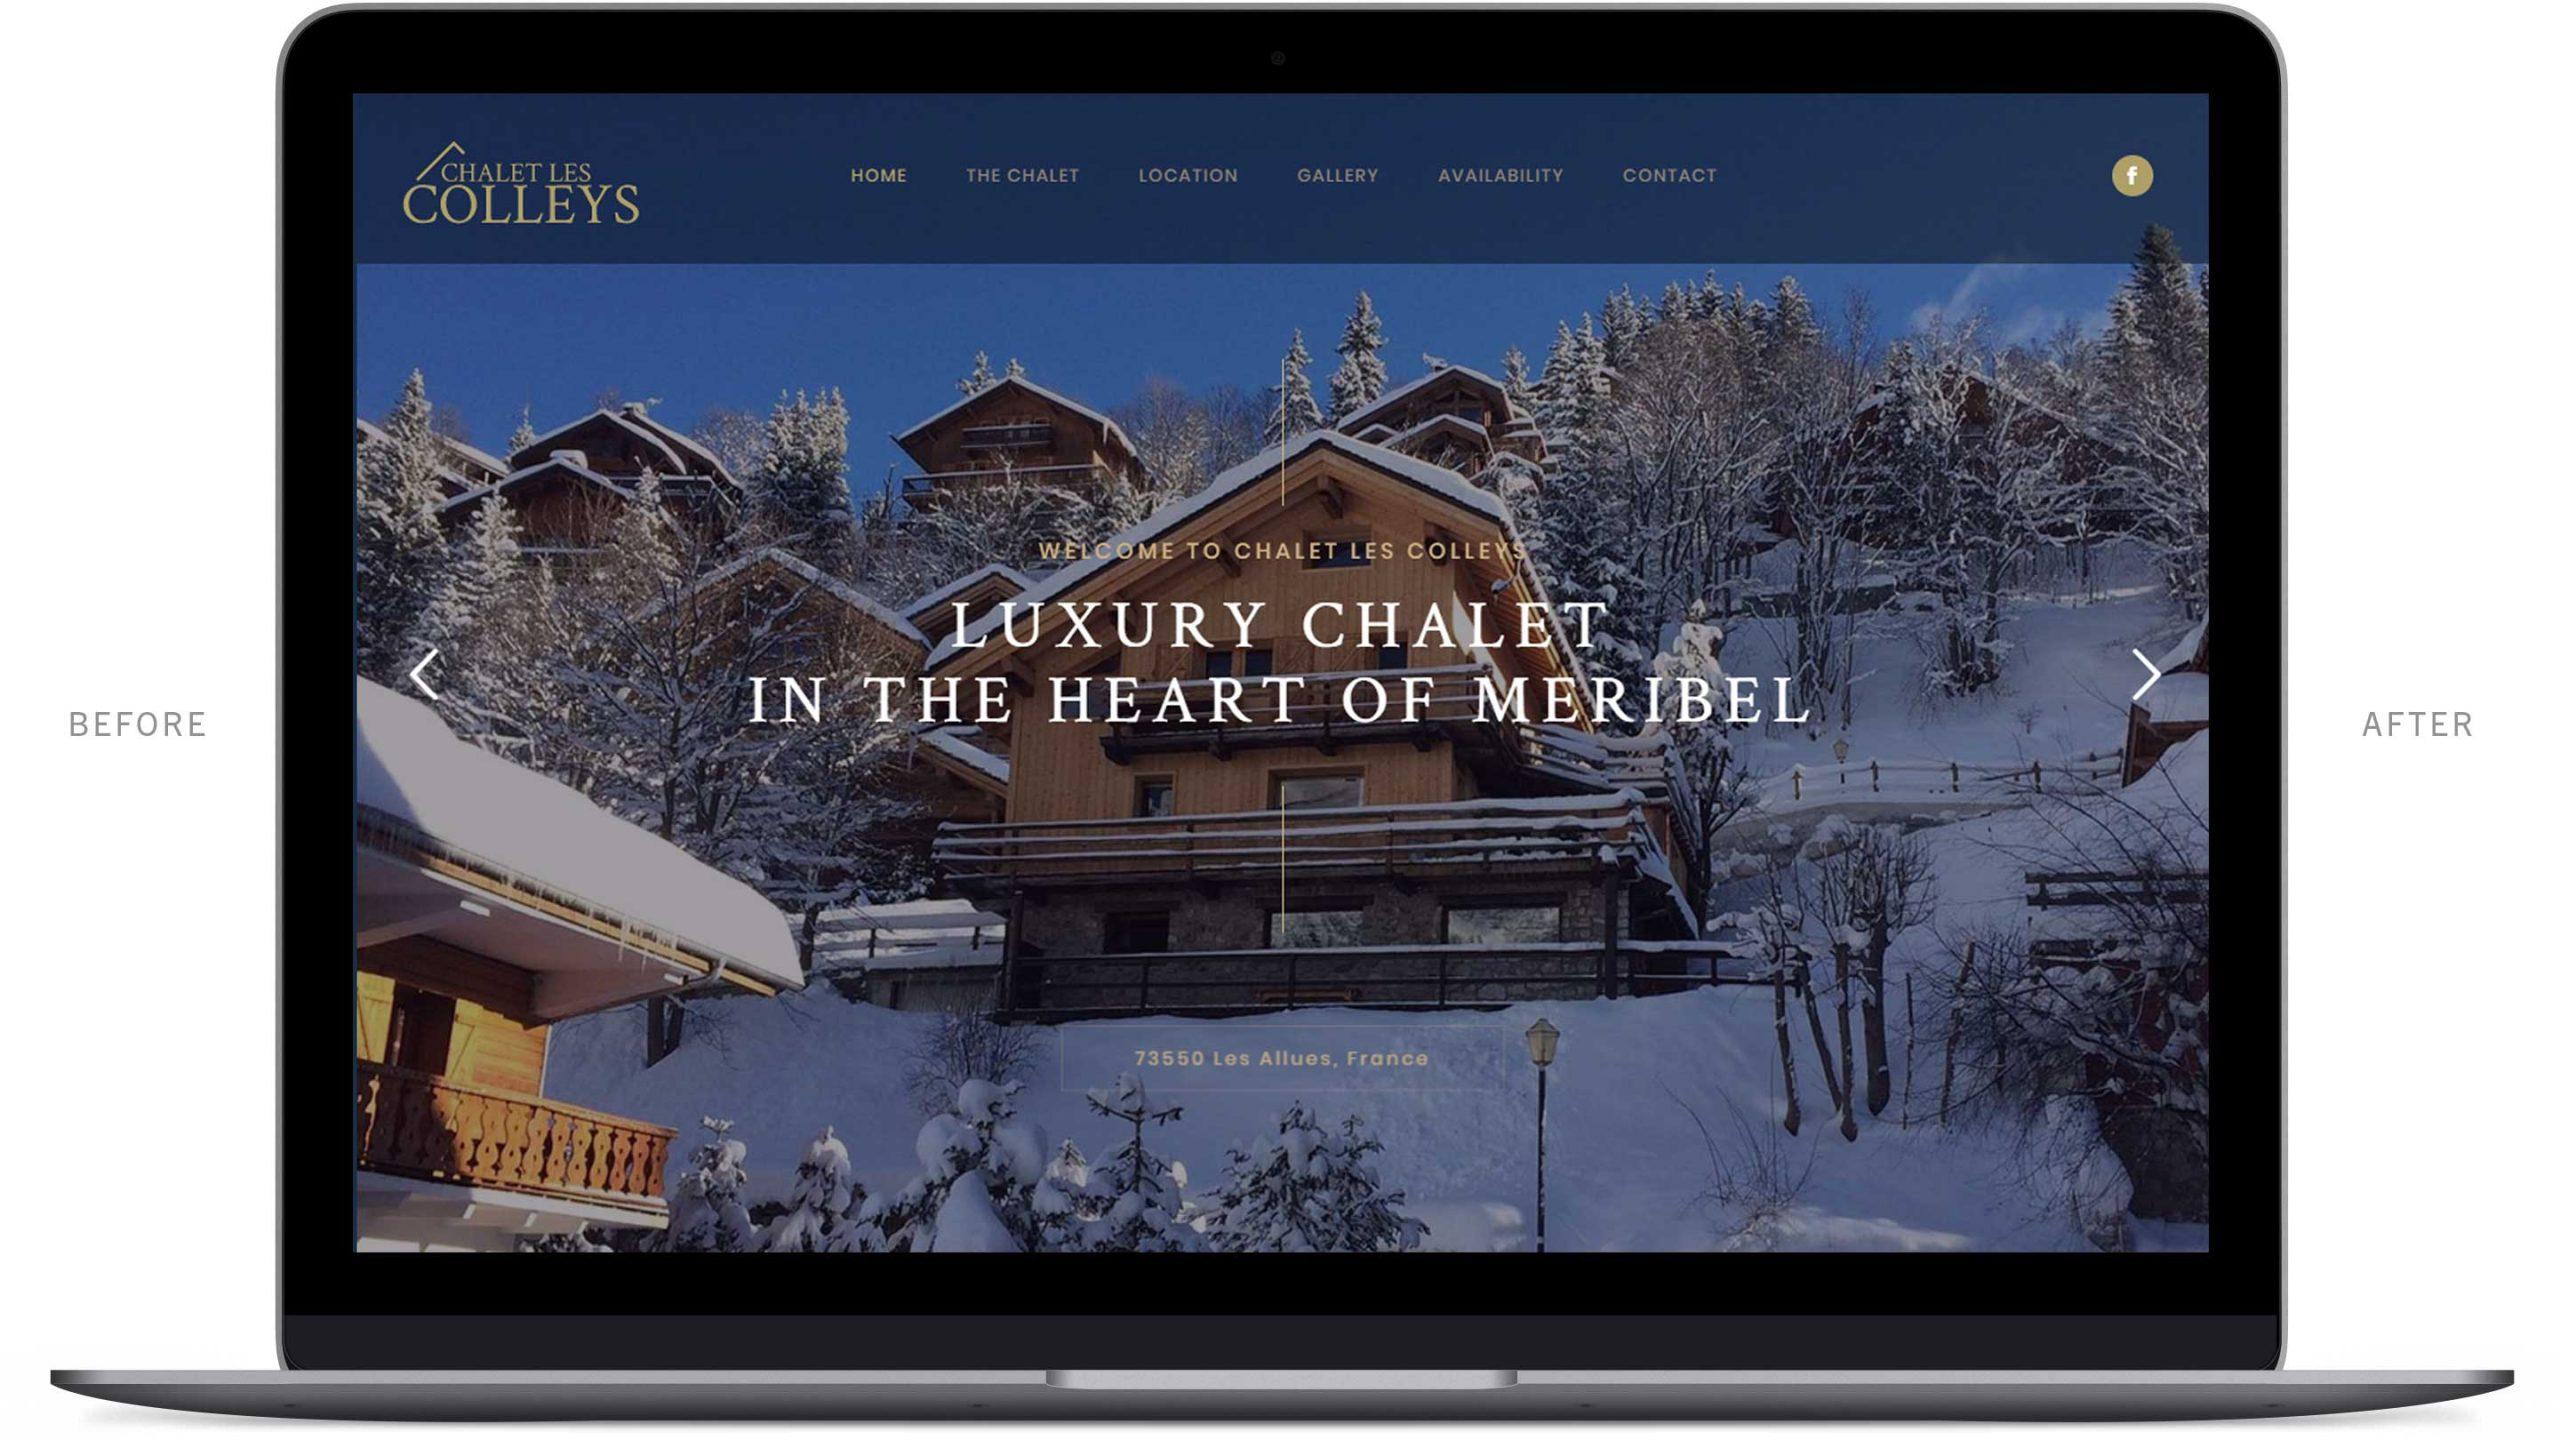 chalet in meribel website after